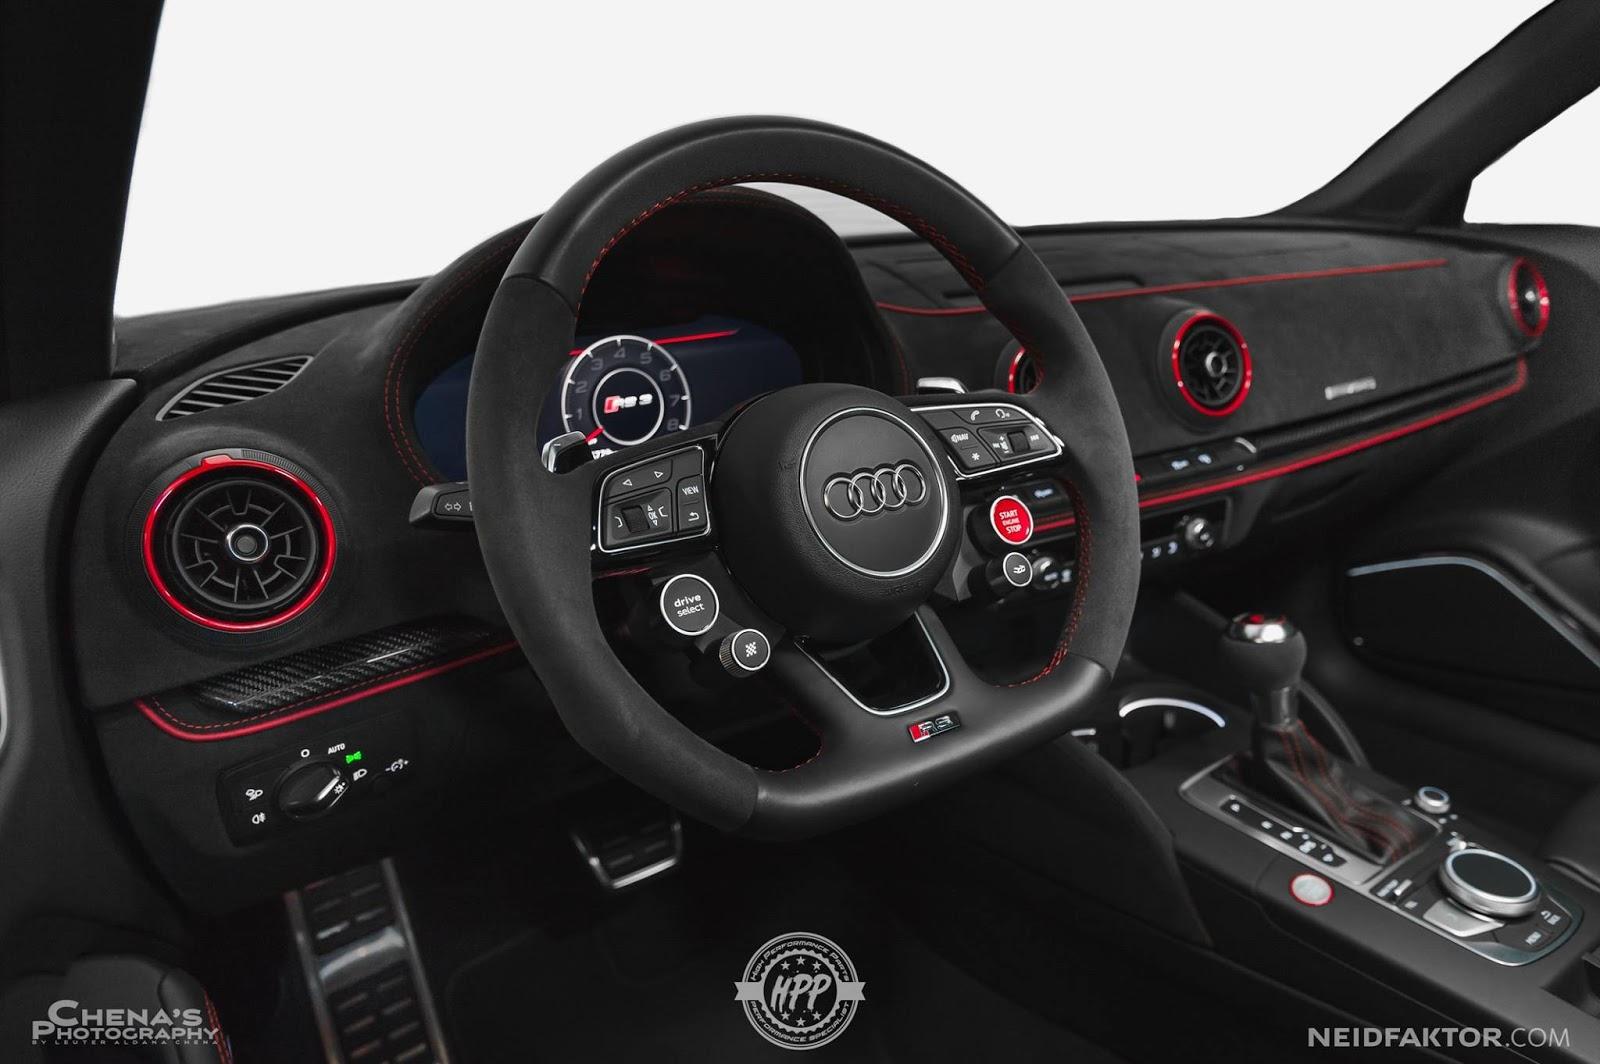 Audi RS3 sedan byNeidfaktor (3)